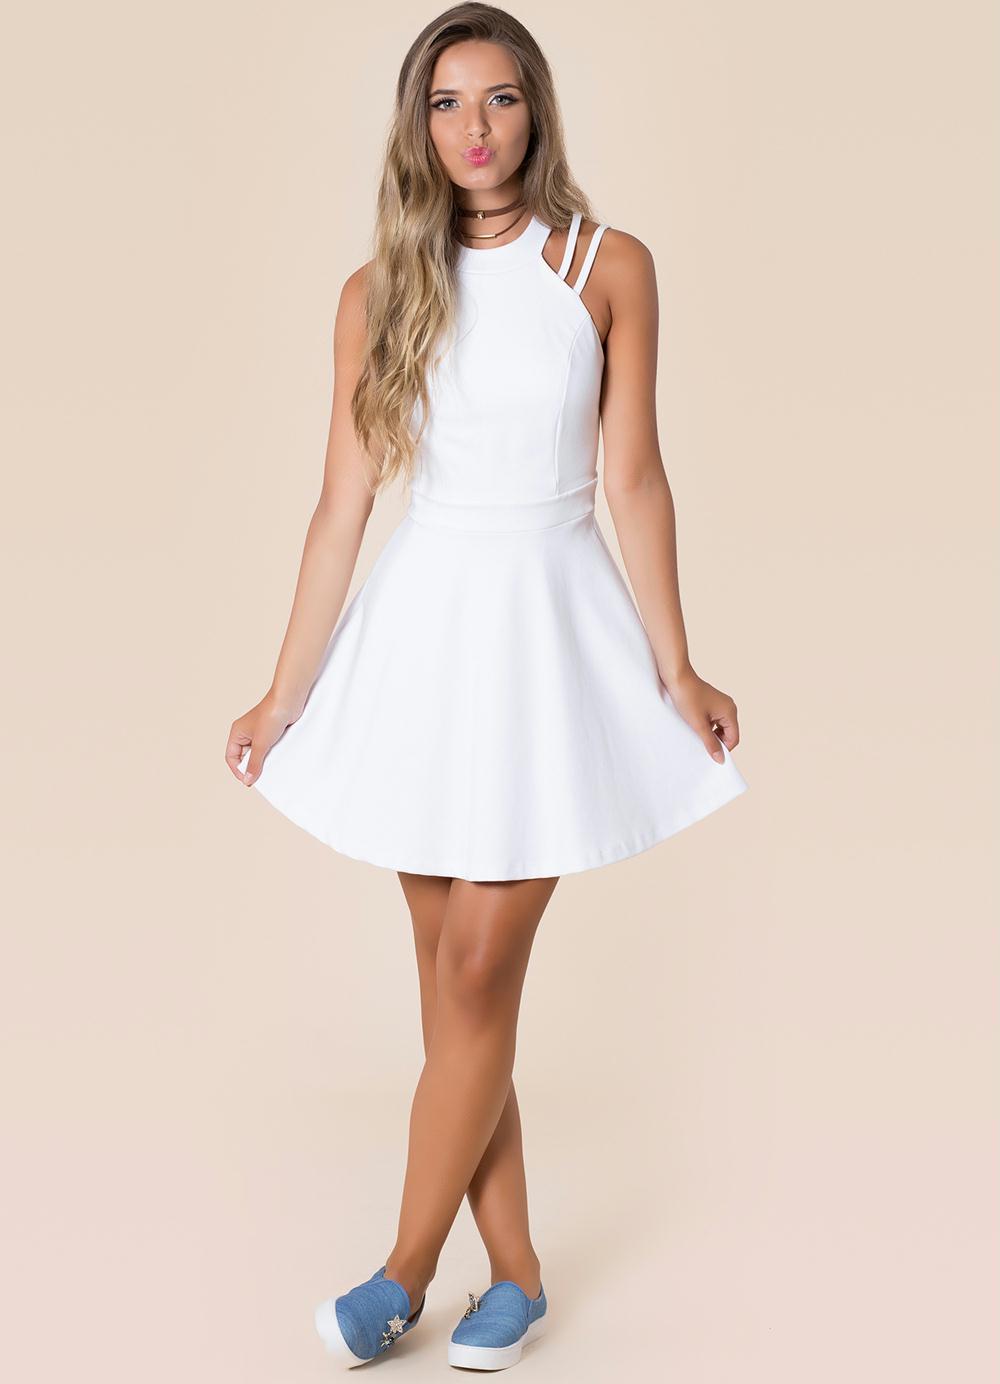 6d7052129 Vestido curto rodado: 60 modelos para você compor looks charmosos